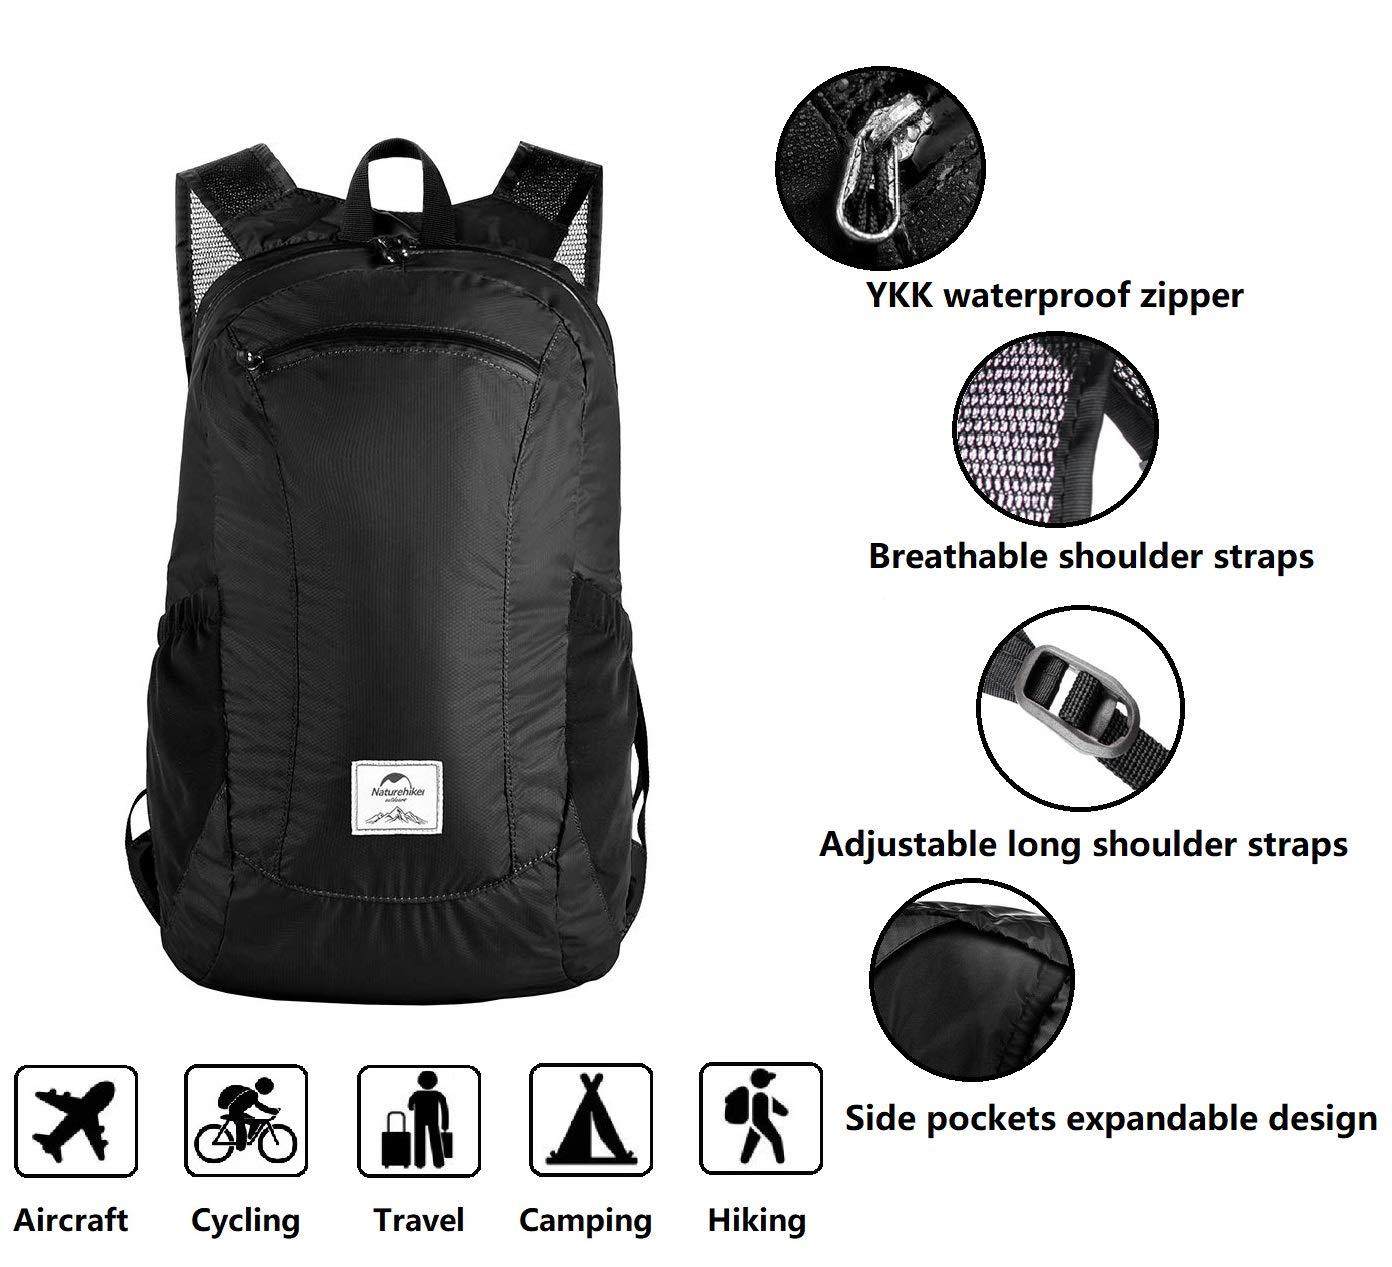 fc734cd70 Amazon.com : Sunuo Outdoor Folding Waterproof Portable Packable Pocket Bag  Travel Walking Lightweight Backpack Sports Bag Shoulder Bag Daypack 18L  (Black) ...